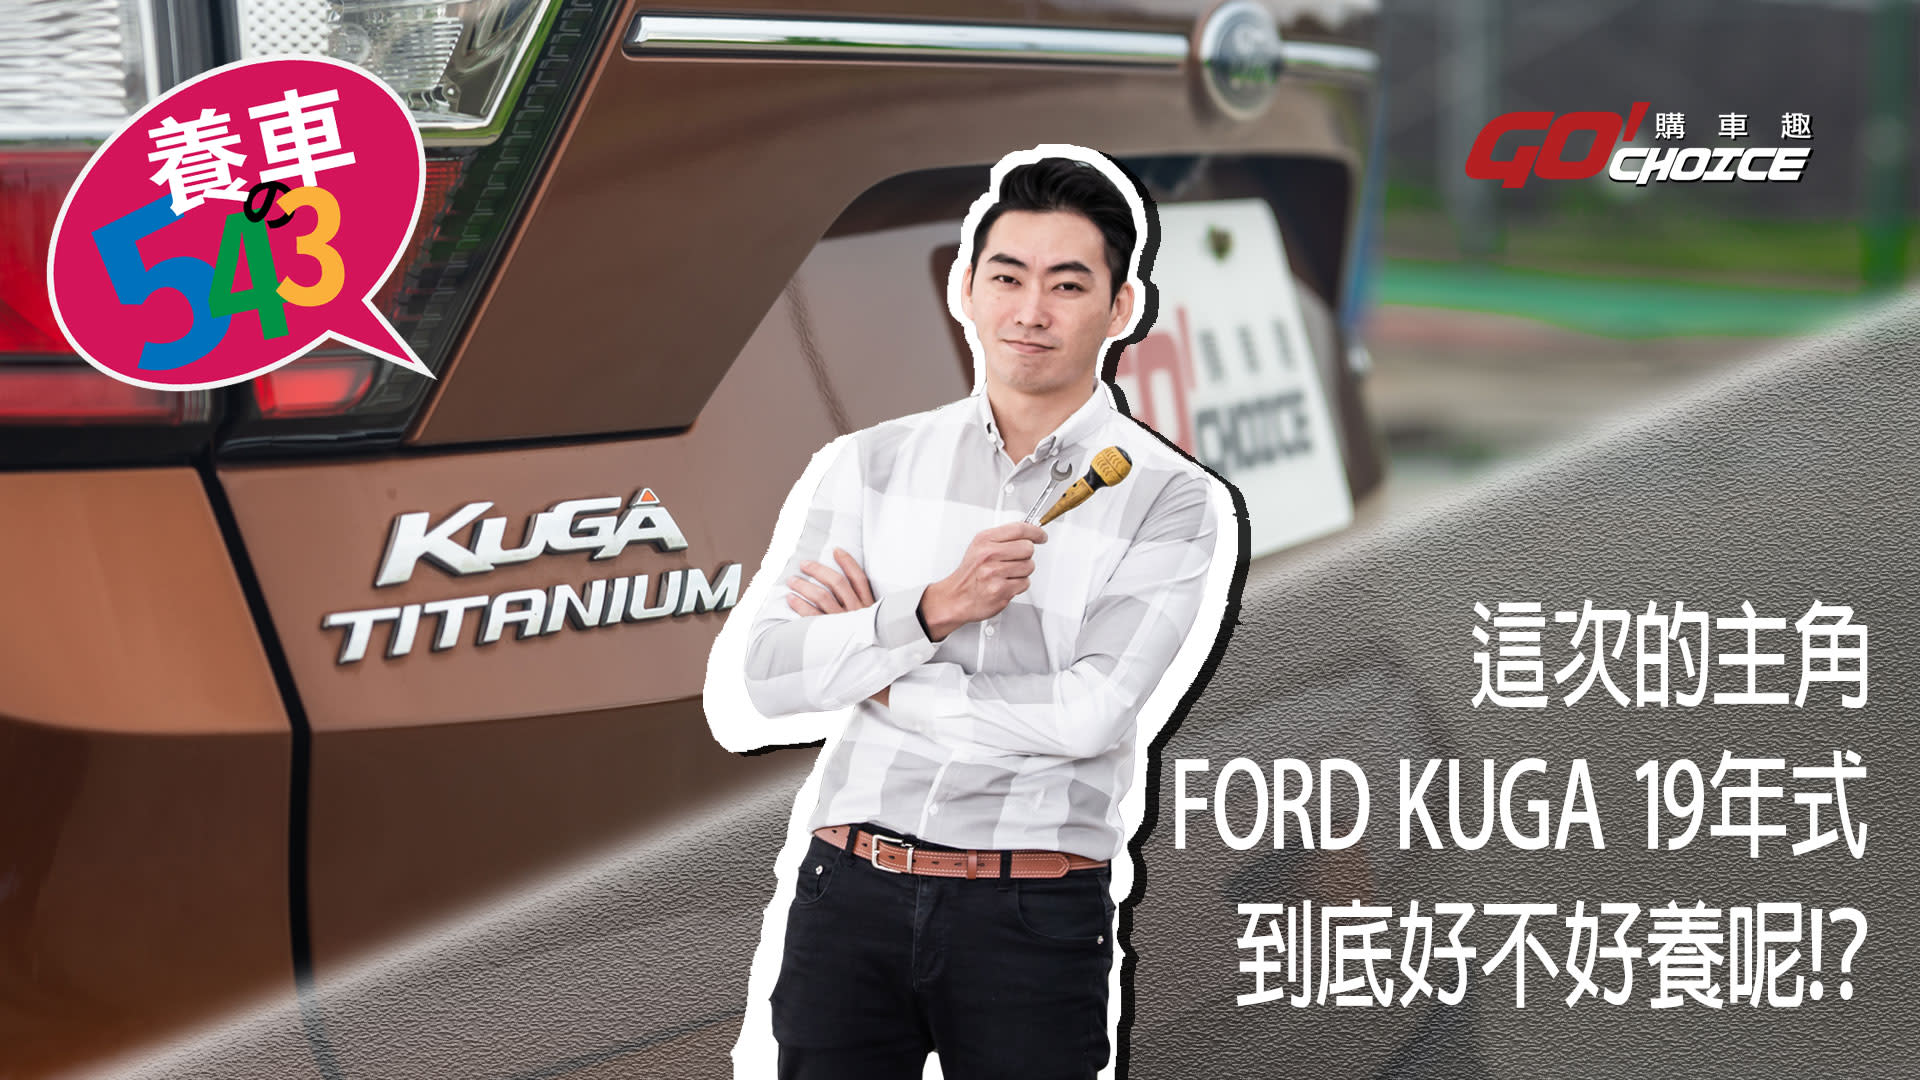 養車543-FORD KUGA 245旗艦型 2019年式(第五集)